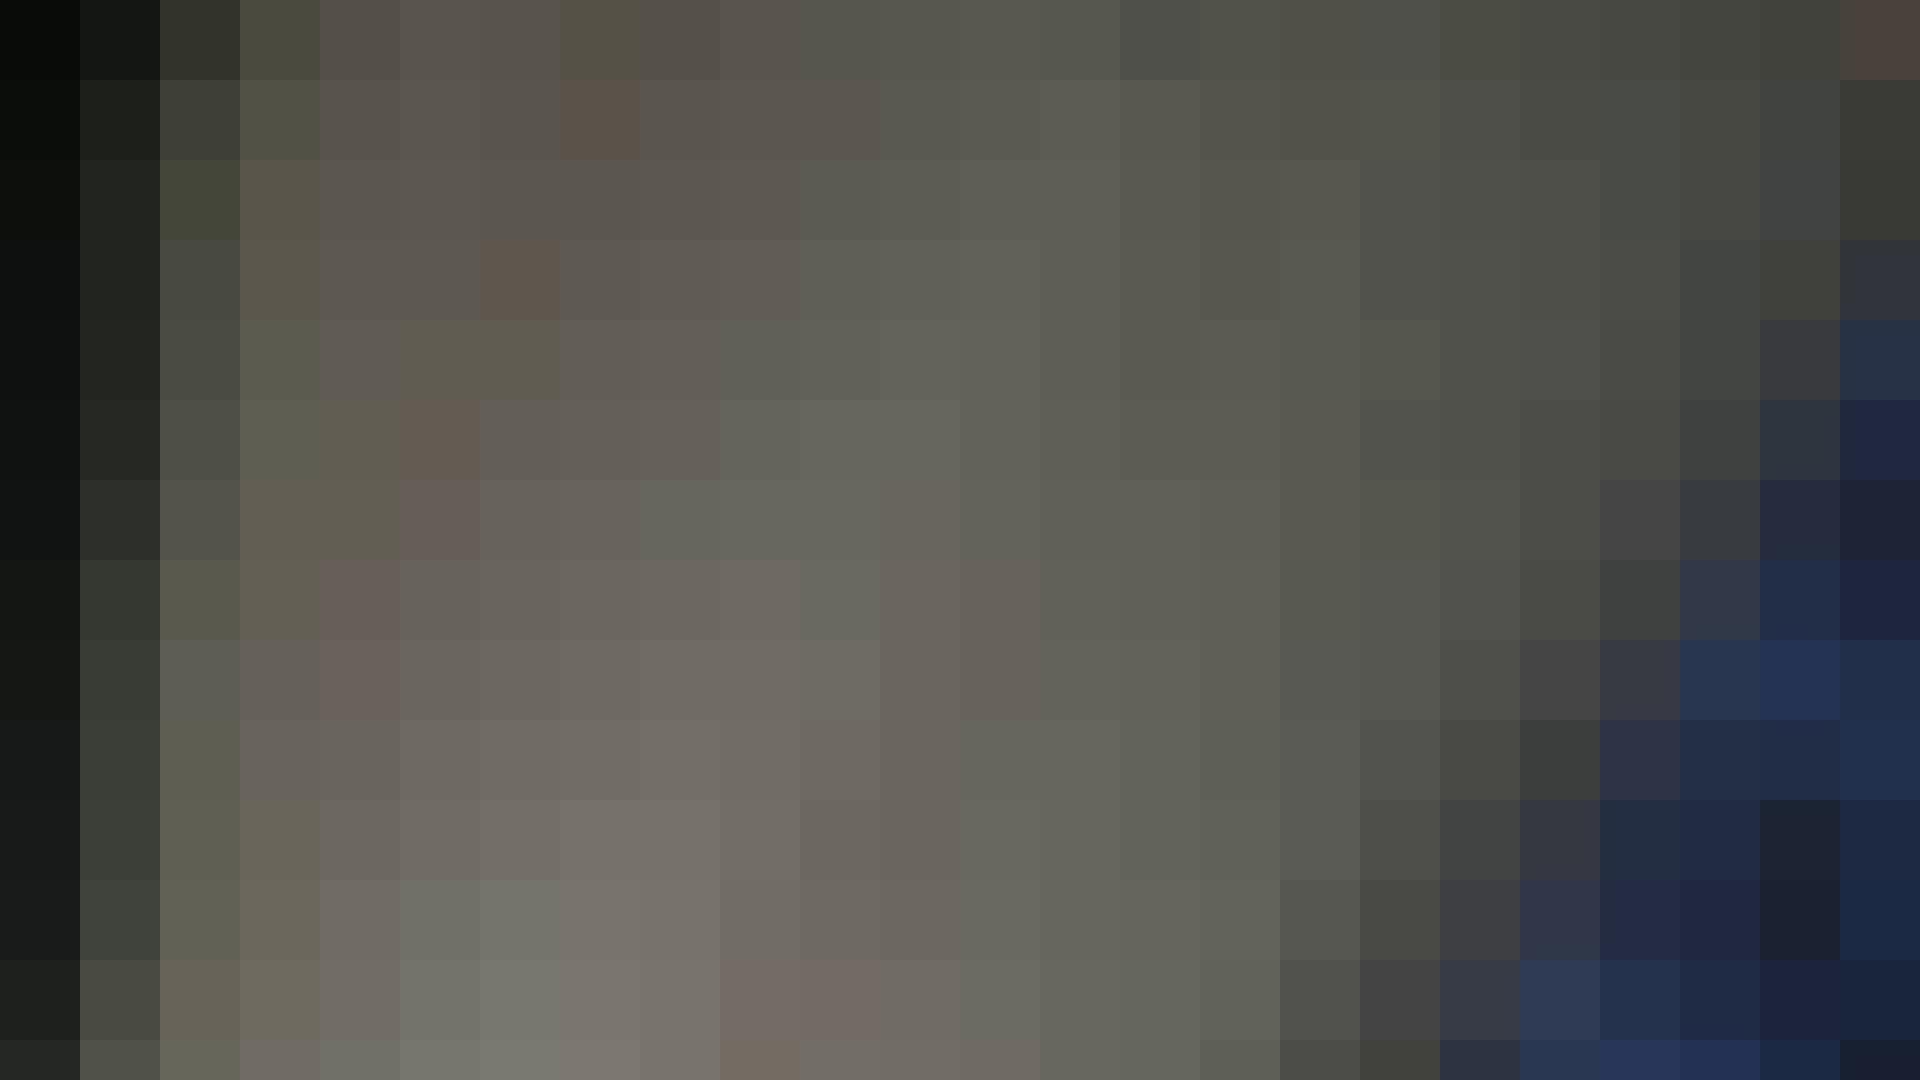 阿国ちゃんの「和式洋式七変化」No.18 iBO(フタコブ) 洗面所  112pic 103